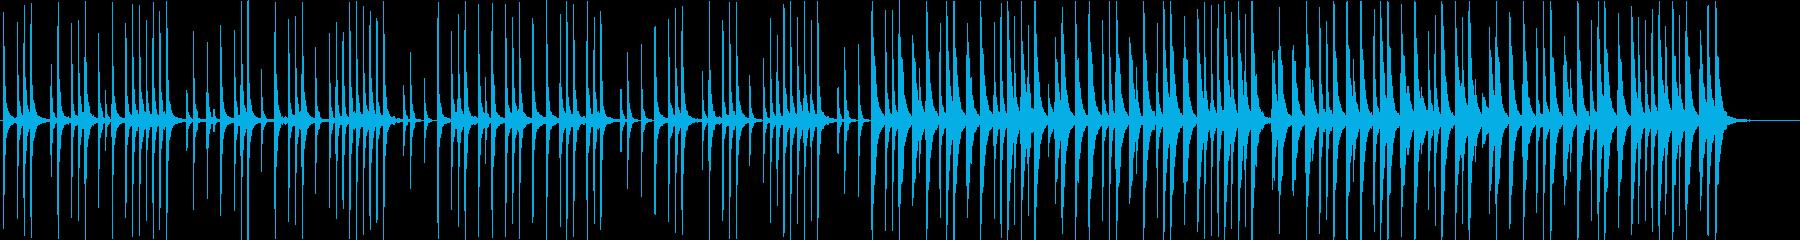 ゆったりとした沖縄風BGM/海/自然/島の再生済みの波形